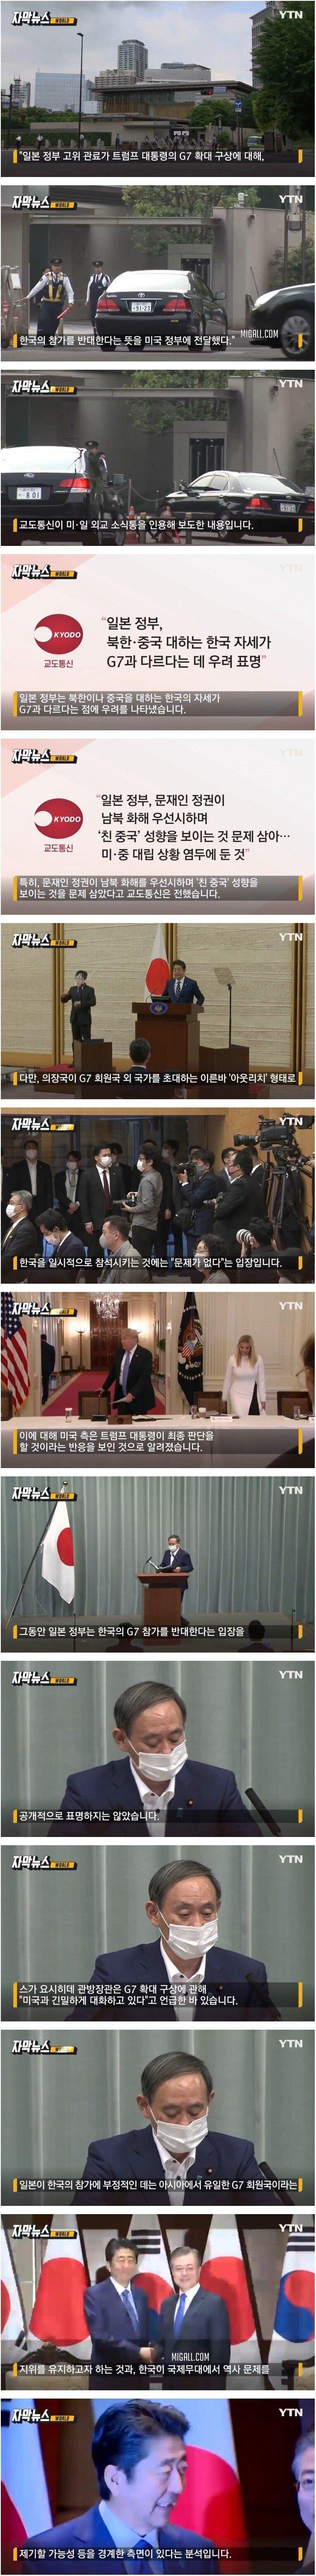 미국 측에 한국 G7 참가 반대 의사 표명한 일본.jpg 미국 측에 한국 G7 참가 반대 의사 표명한 일본